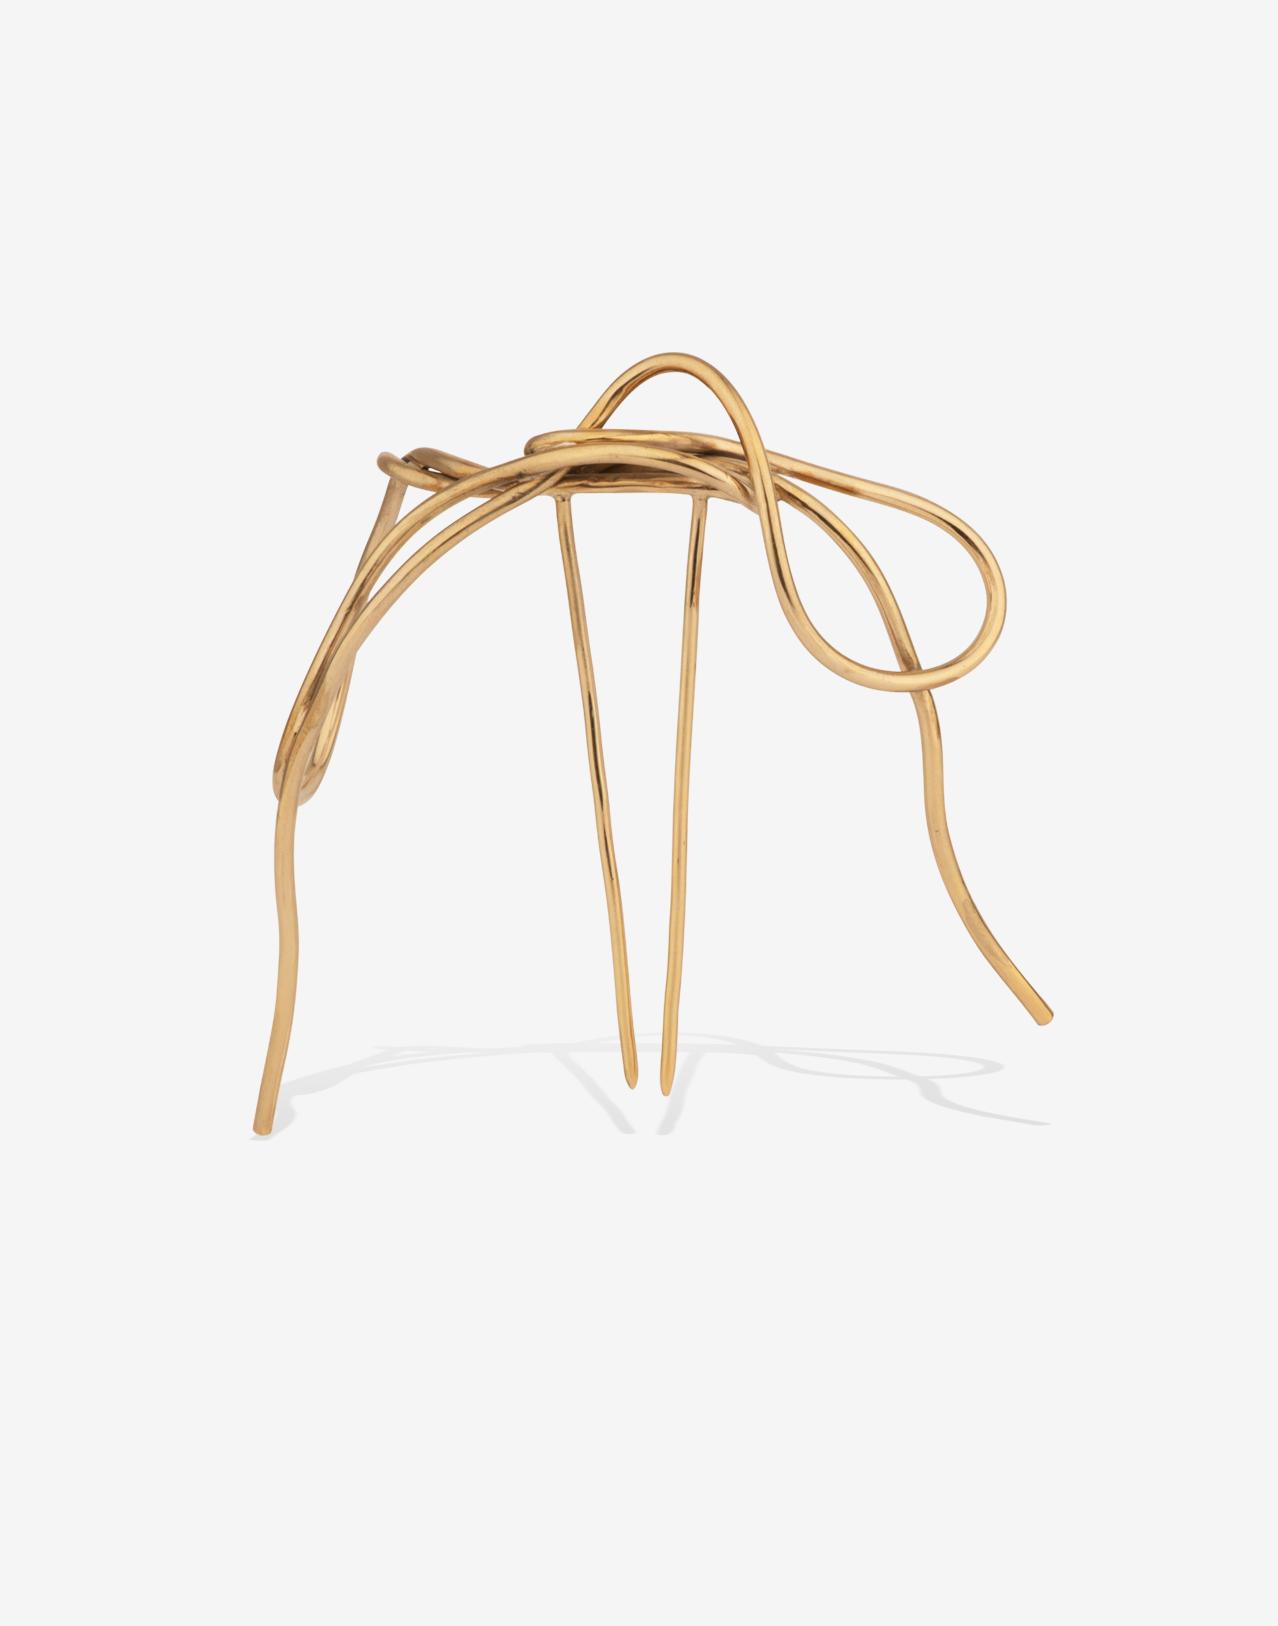 Completedworks-Tied-Silver-Bracelet-A1008-2.jpg